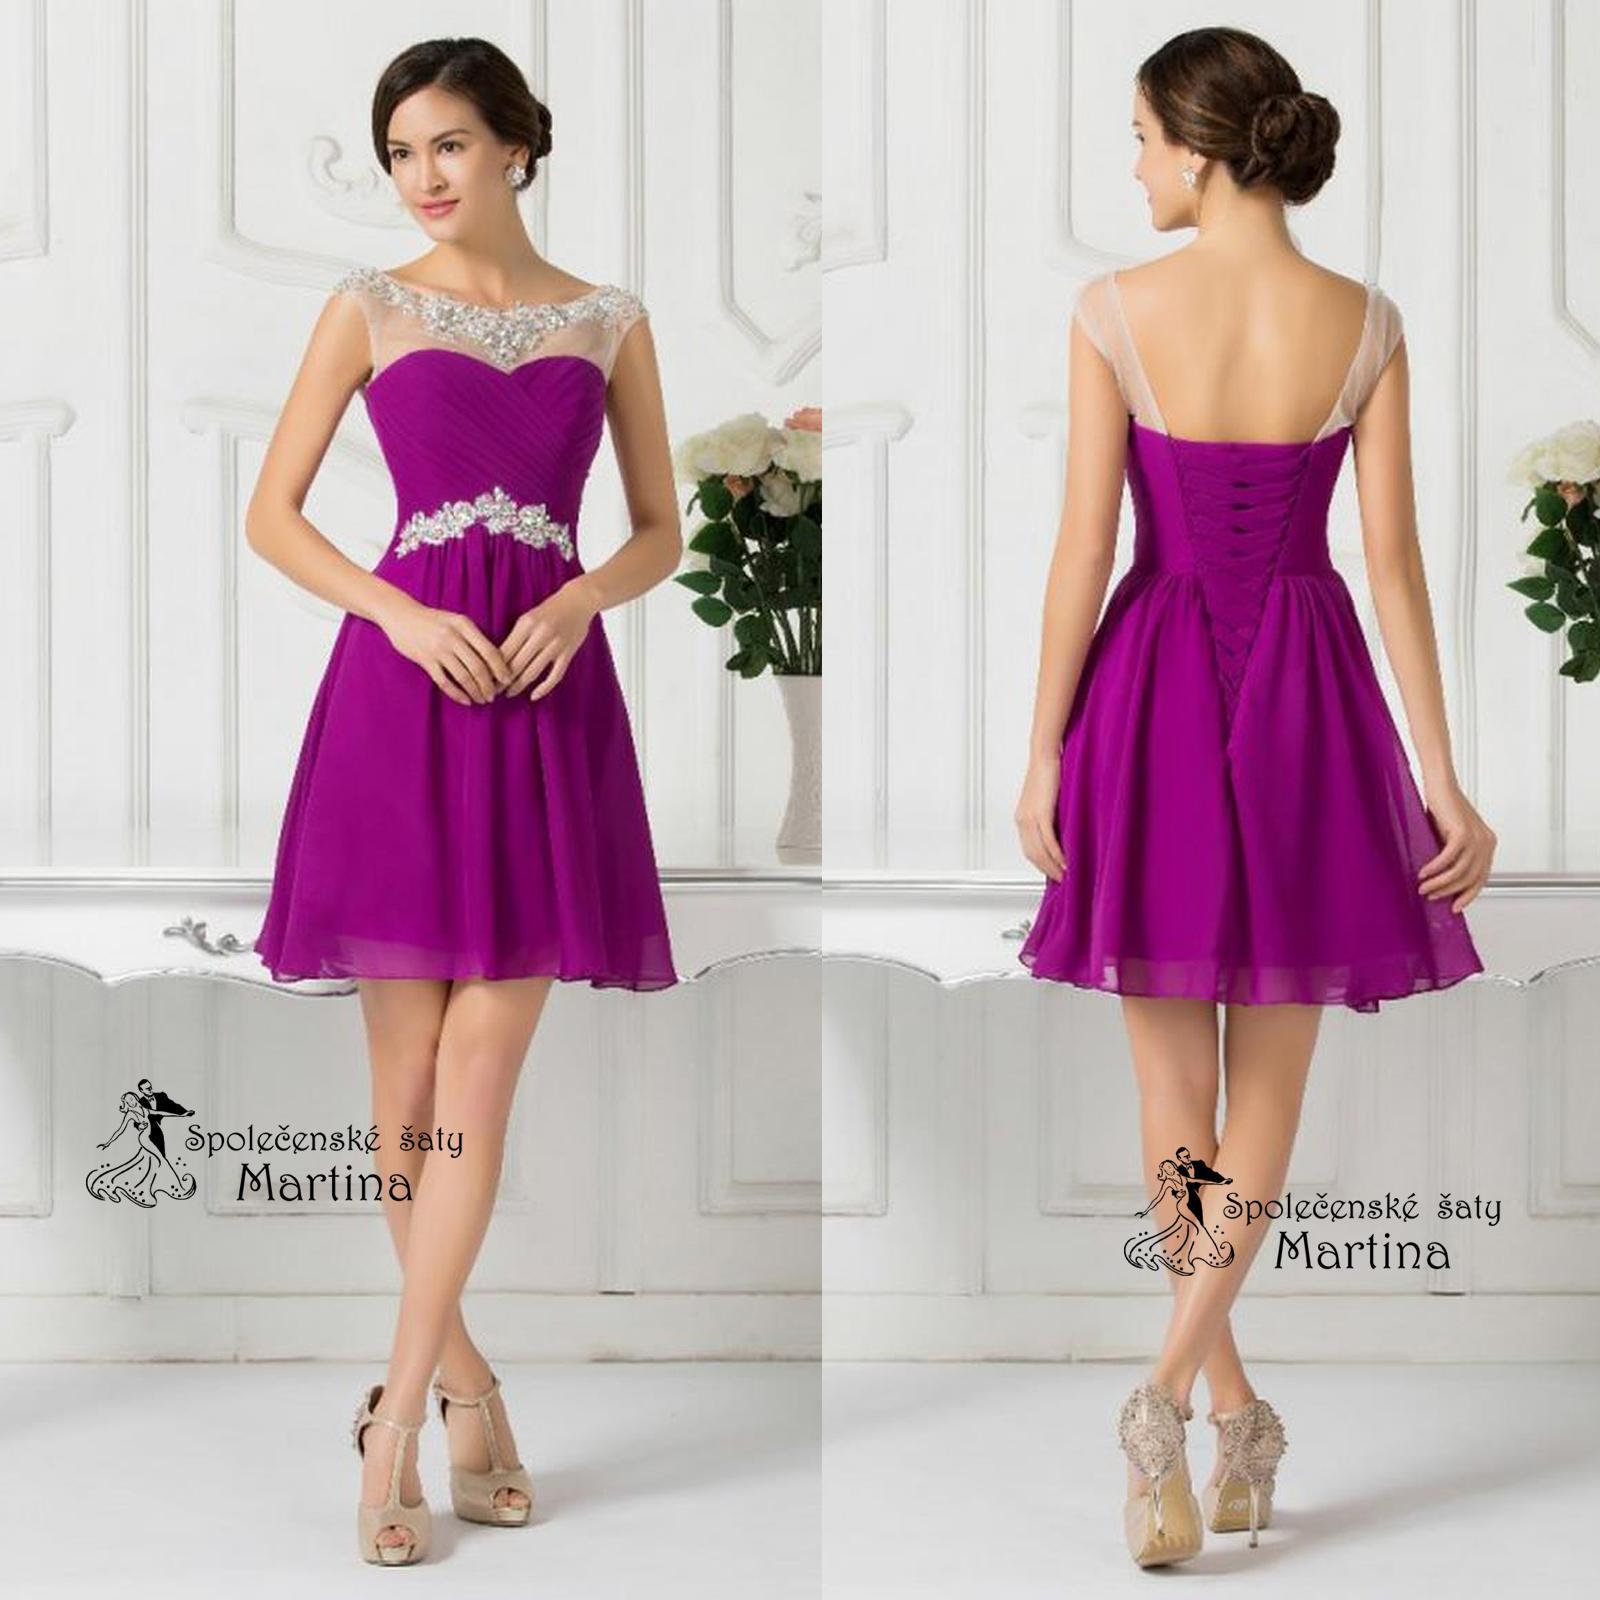 8d053a61b8a Společenské-maturitní-plesové šaty-do tanečních